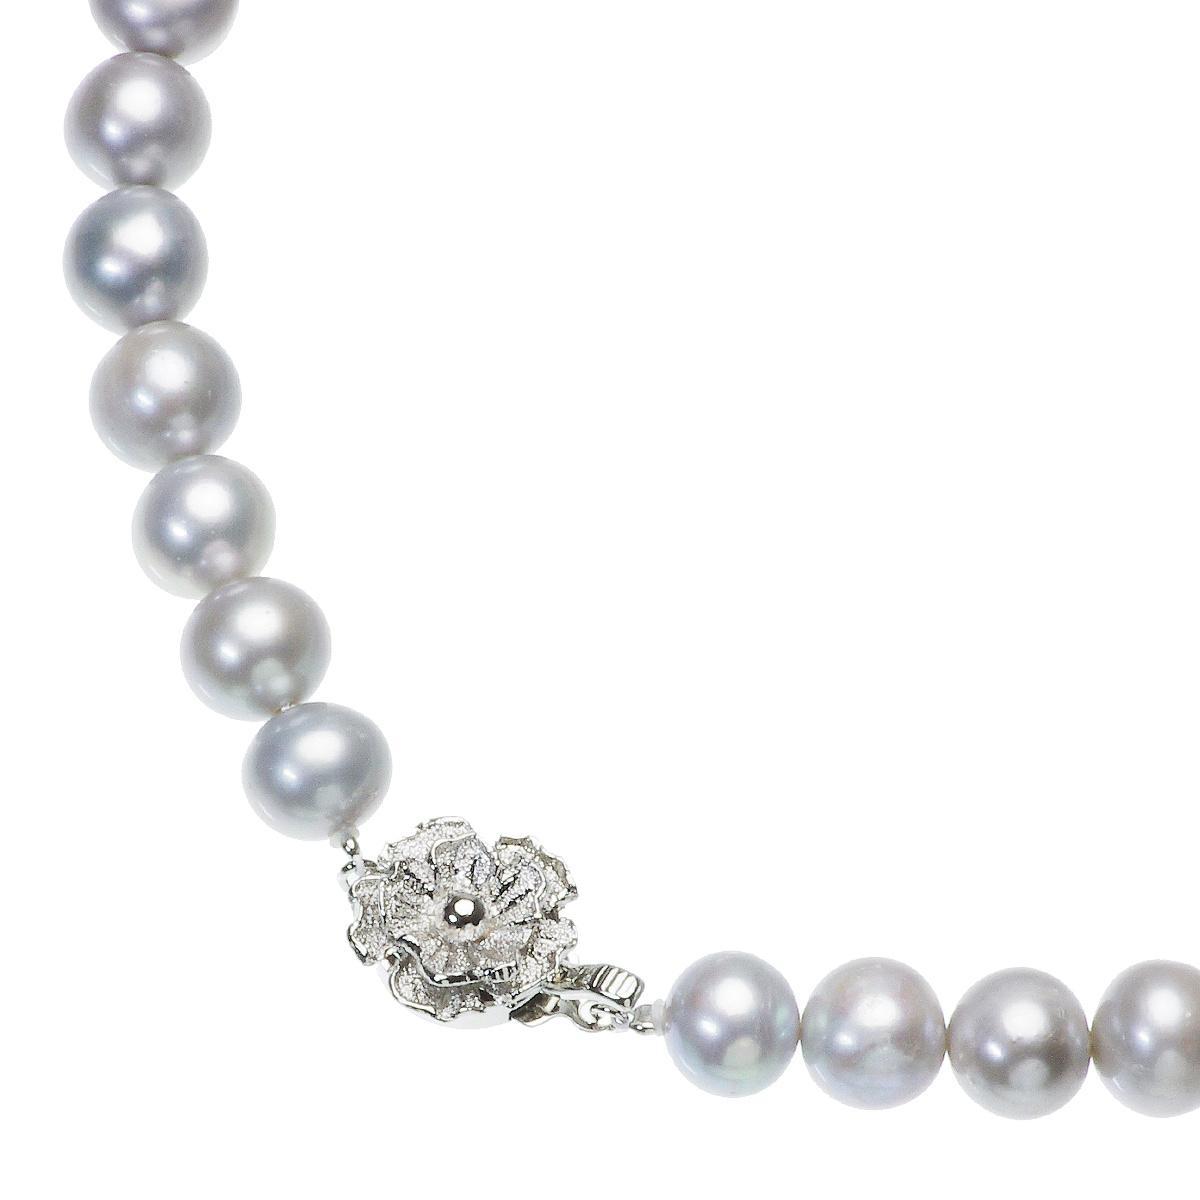 高級 淡水真珠 大粒 パールネックレス 結婚式 約9.0mm-10.5mm グレーイヤリングセットの写真